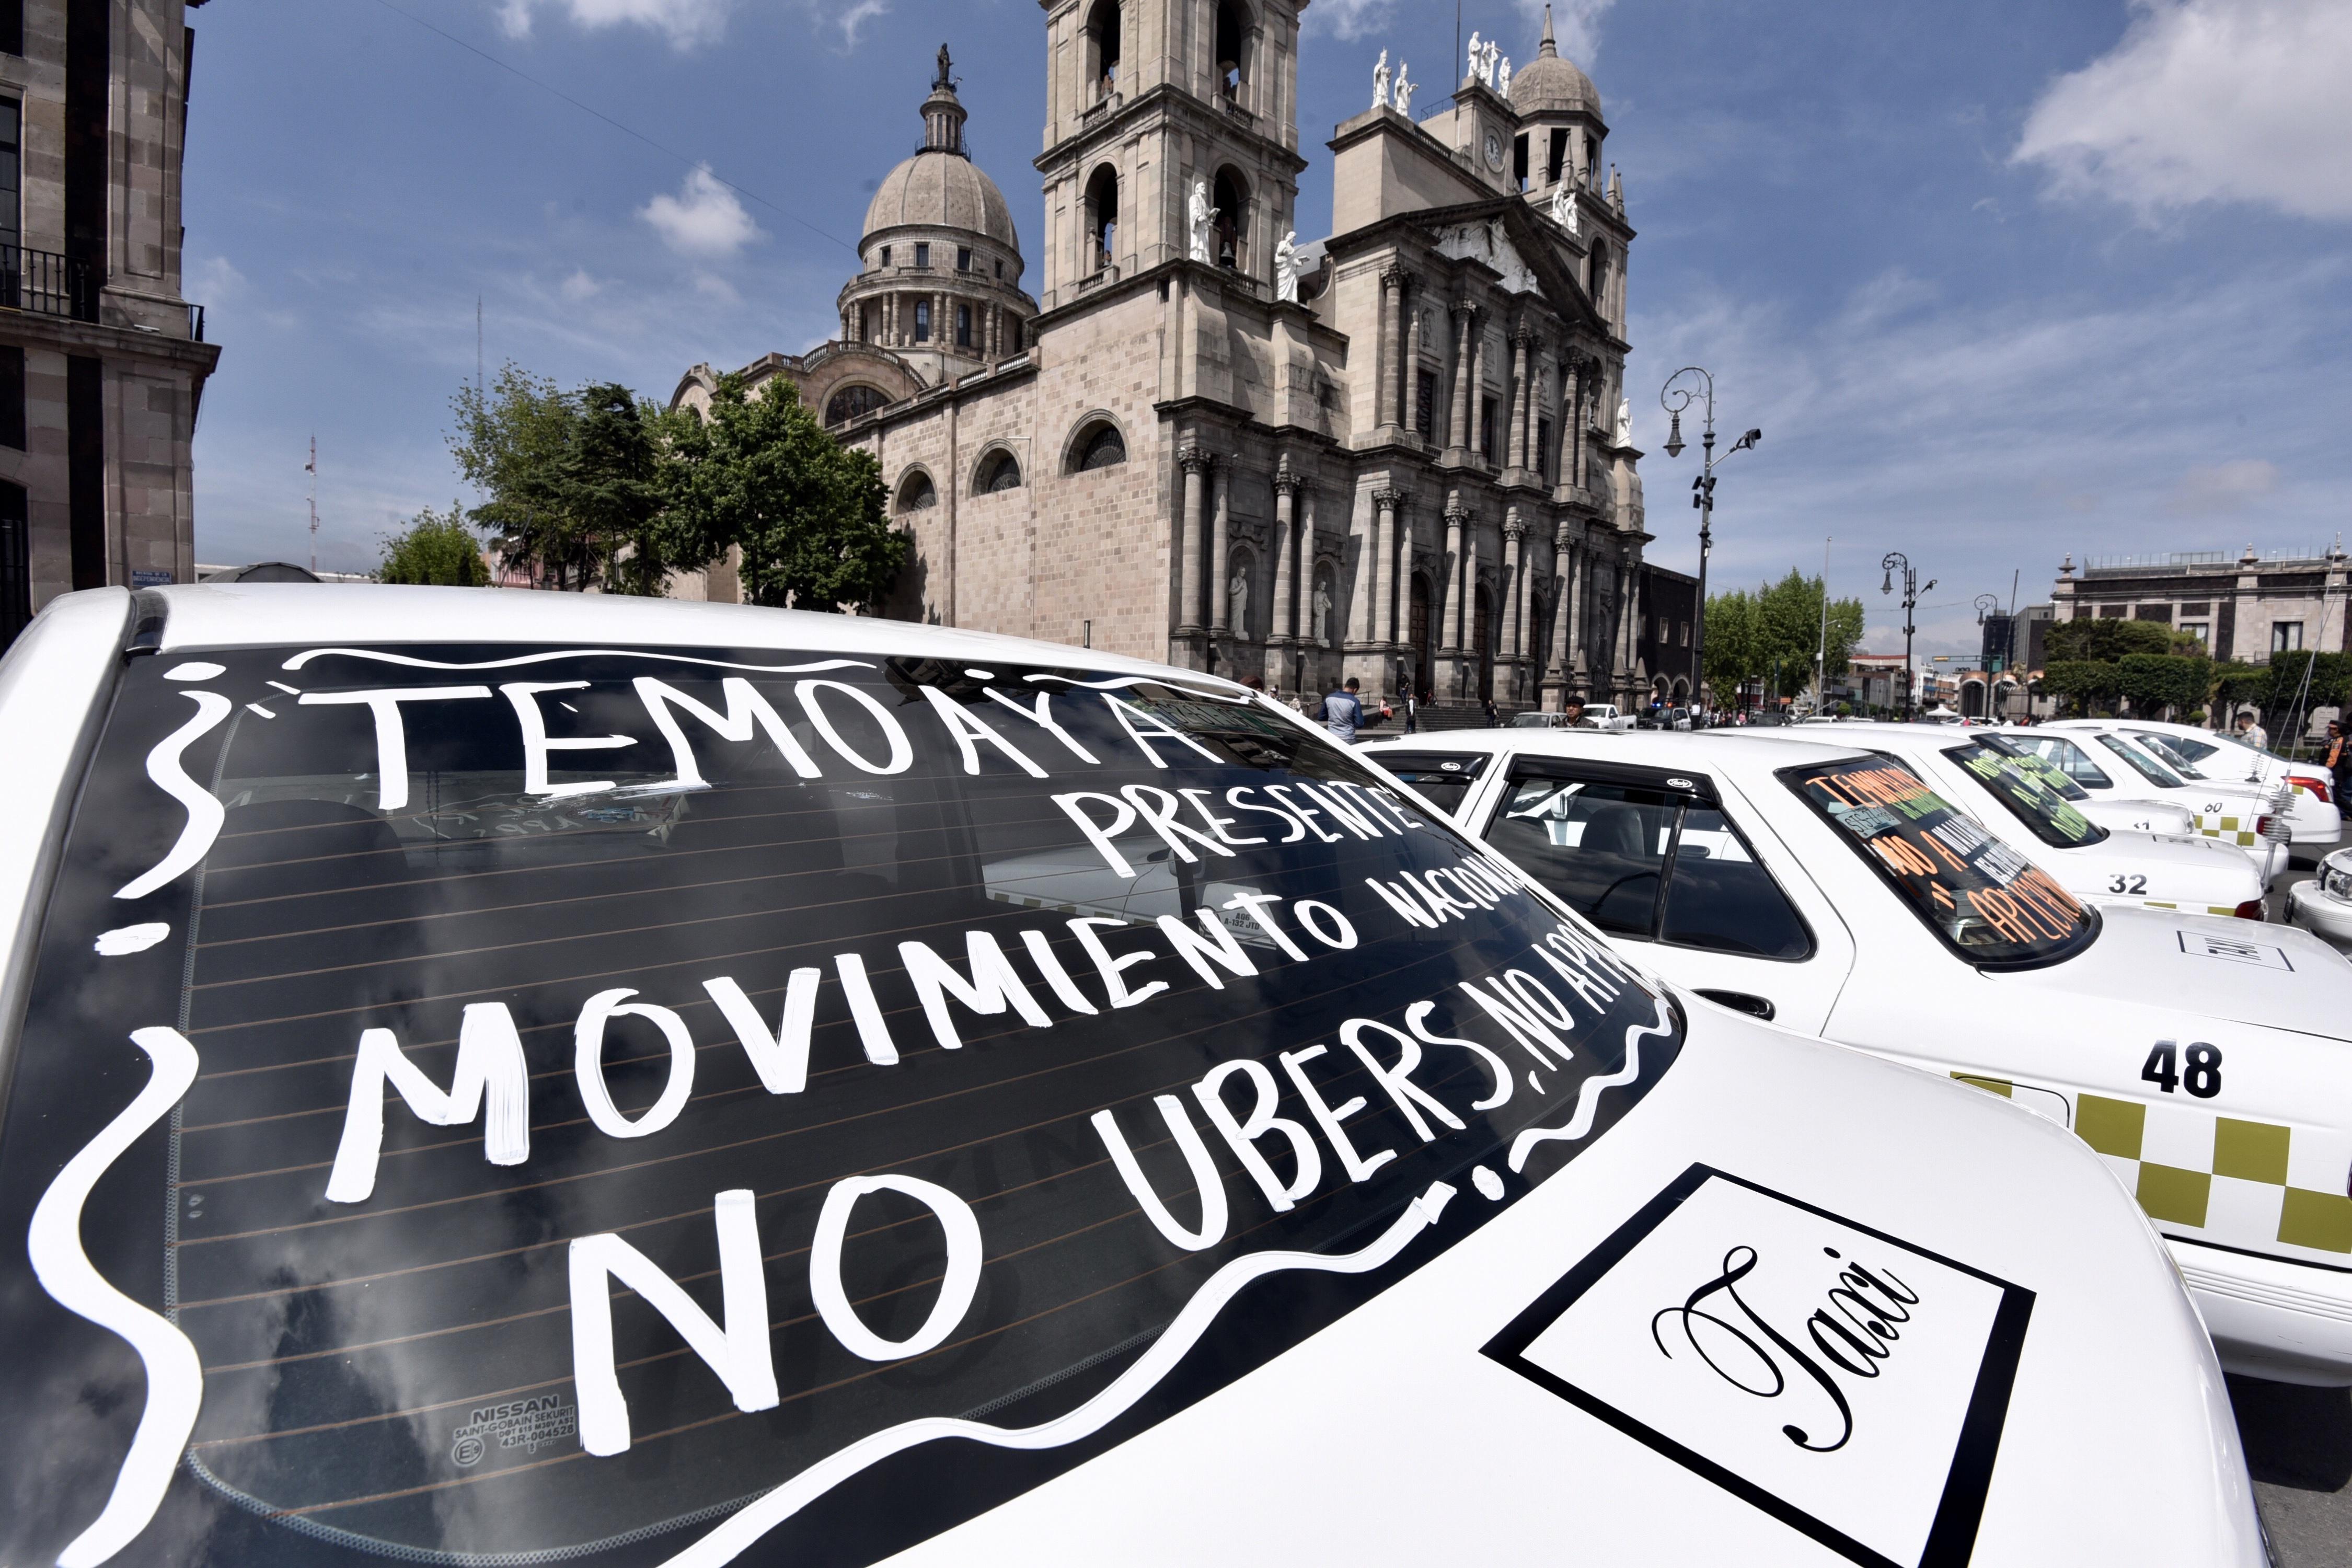 Here we go again: Taxistas harán marcha el próximo lunes 7 de octubre en la CDMX